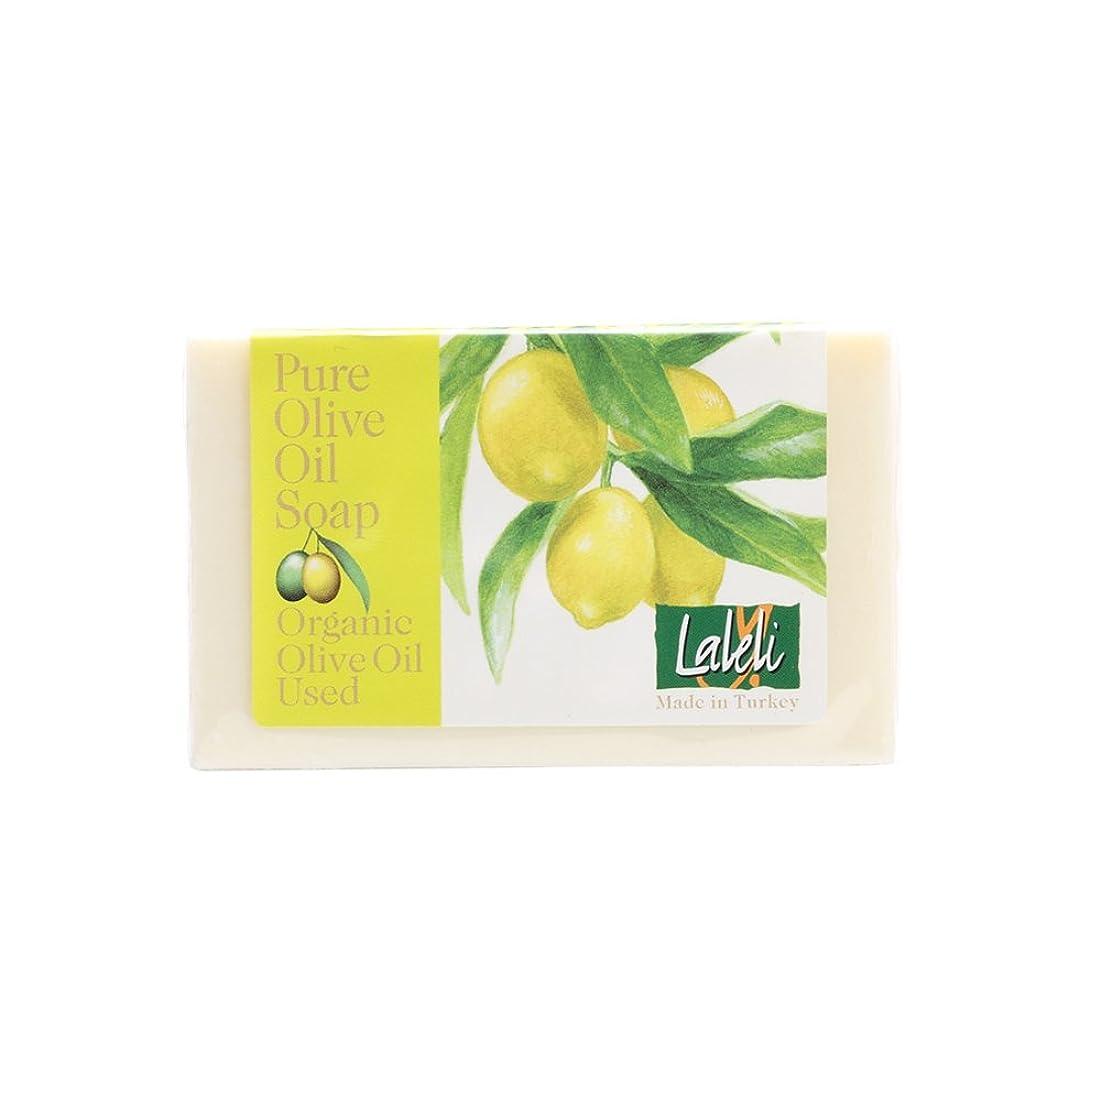 電話結び目機関ラーレリ オーガニックオリーブオイルソープ レモン 120g